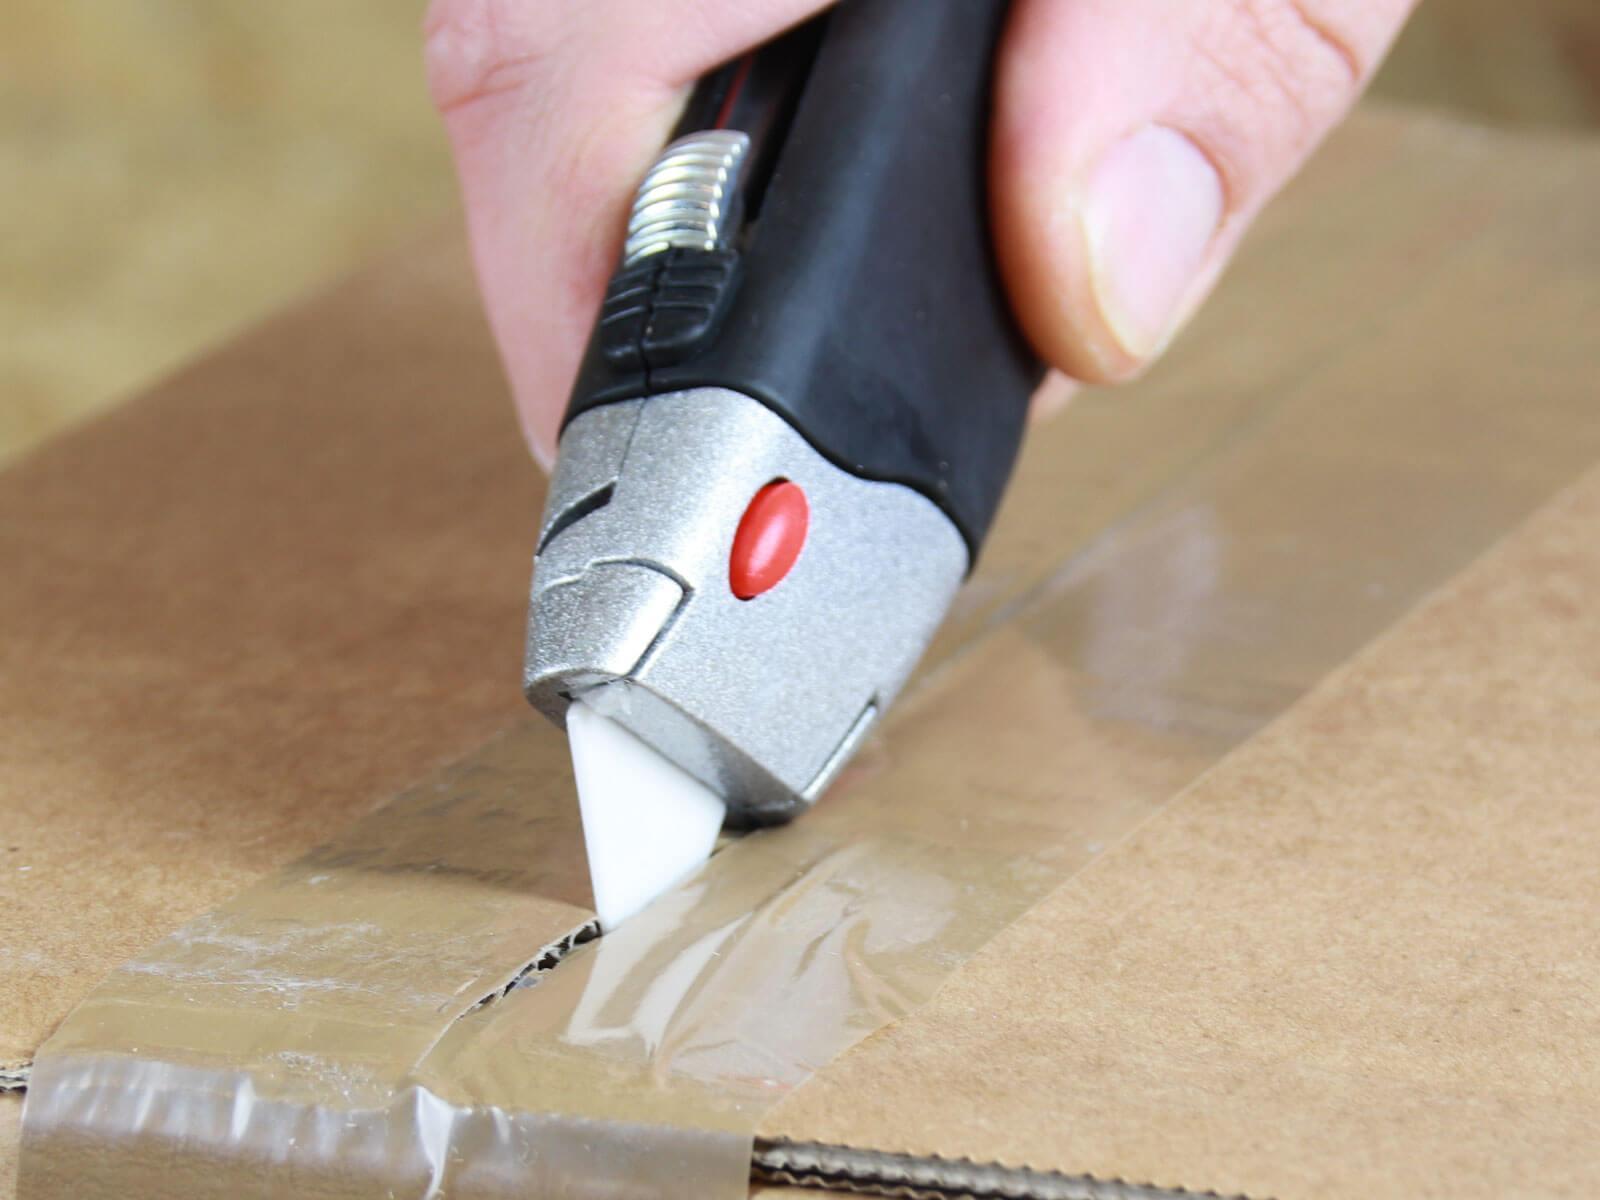 U012K Keramik Sicherheitsmesser manueller Klingenrückzug Klebeband schneiden CURT-tools